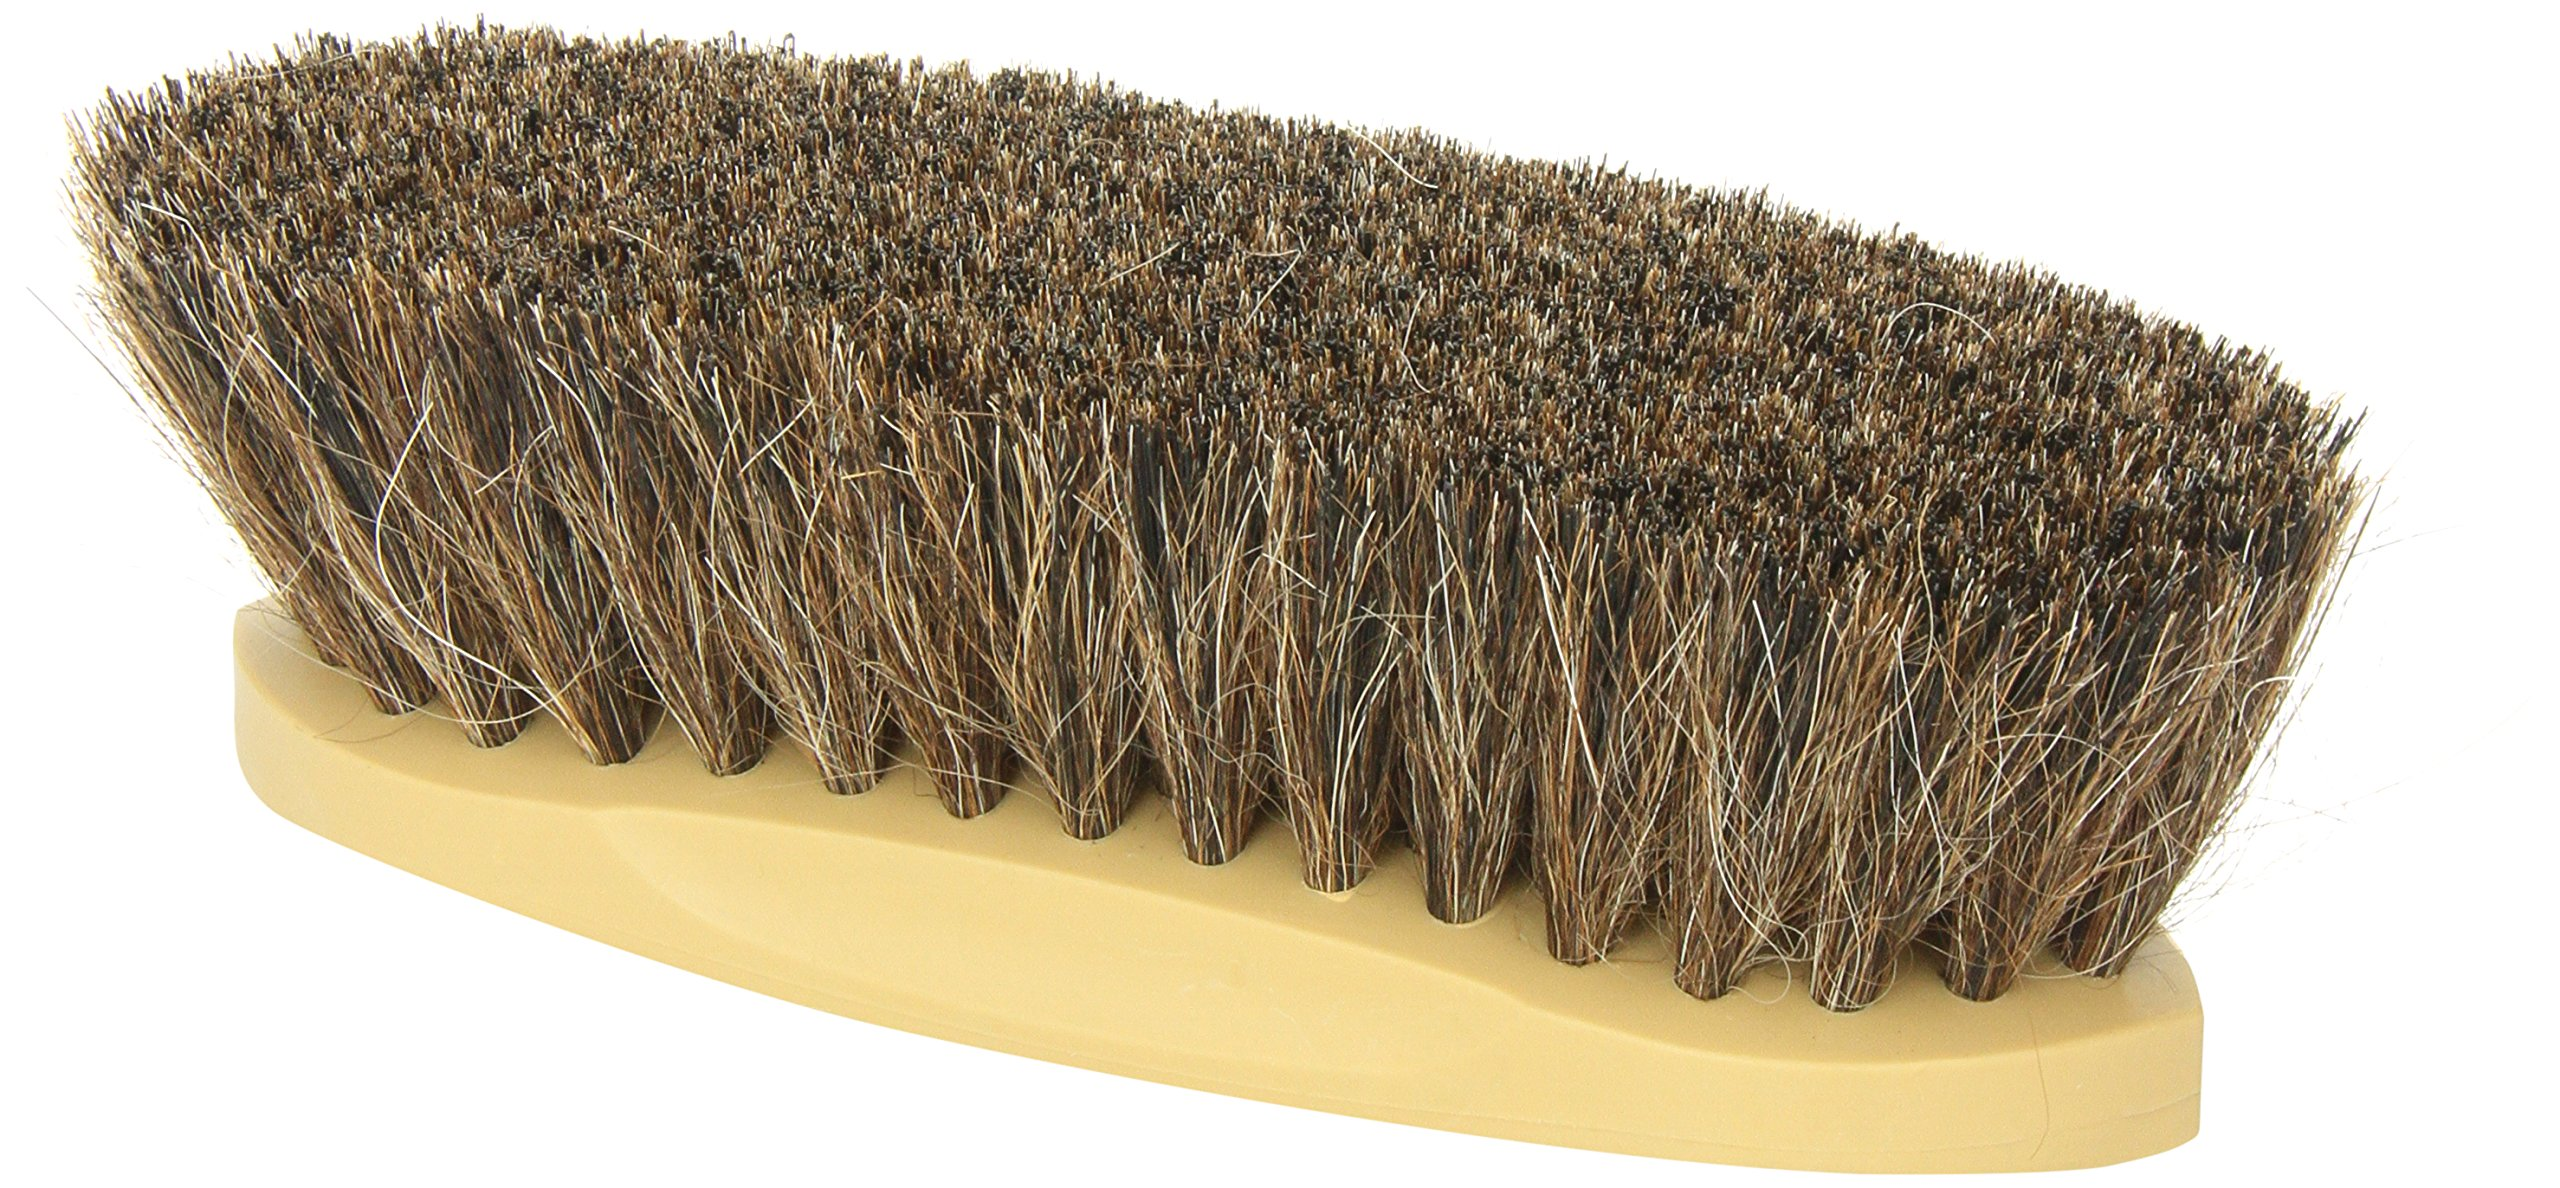 DECKER 65 Horse Hair Blend,